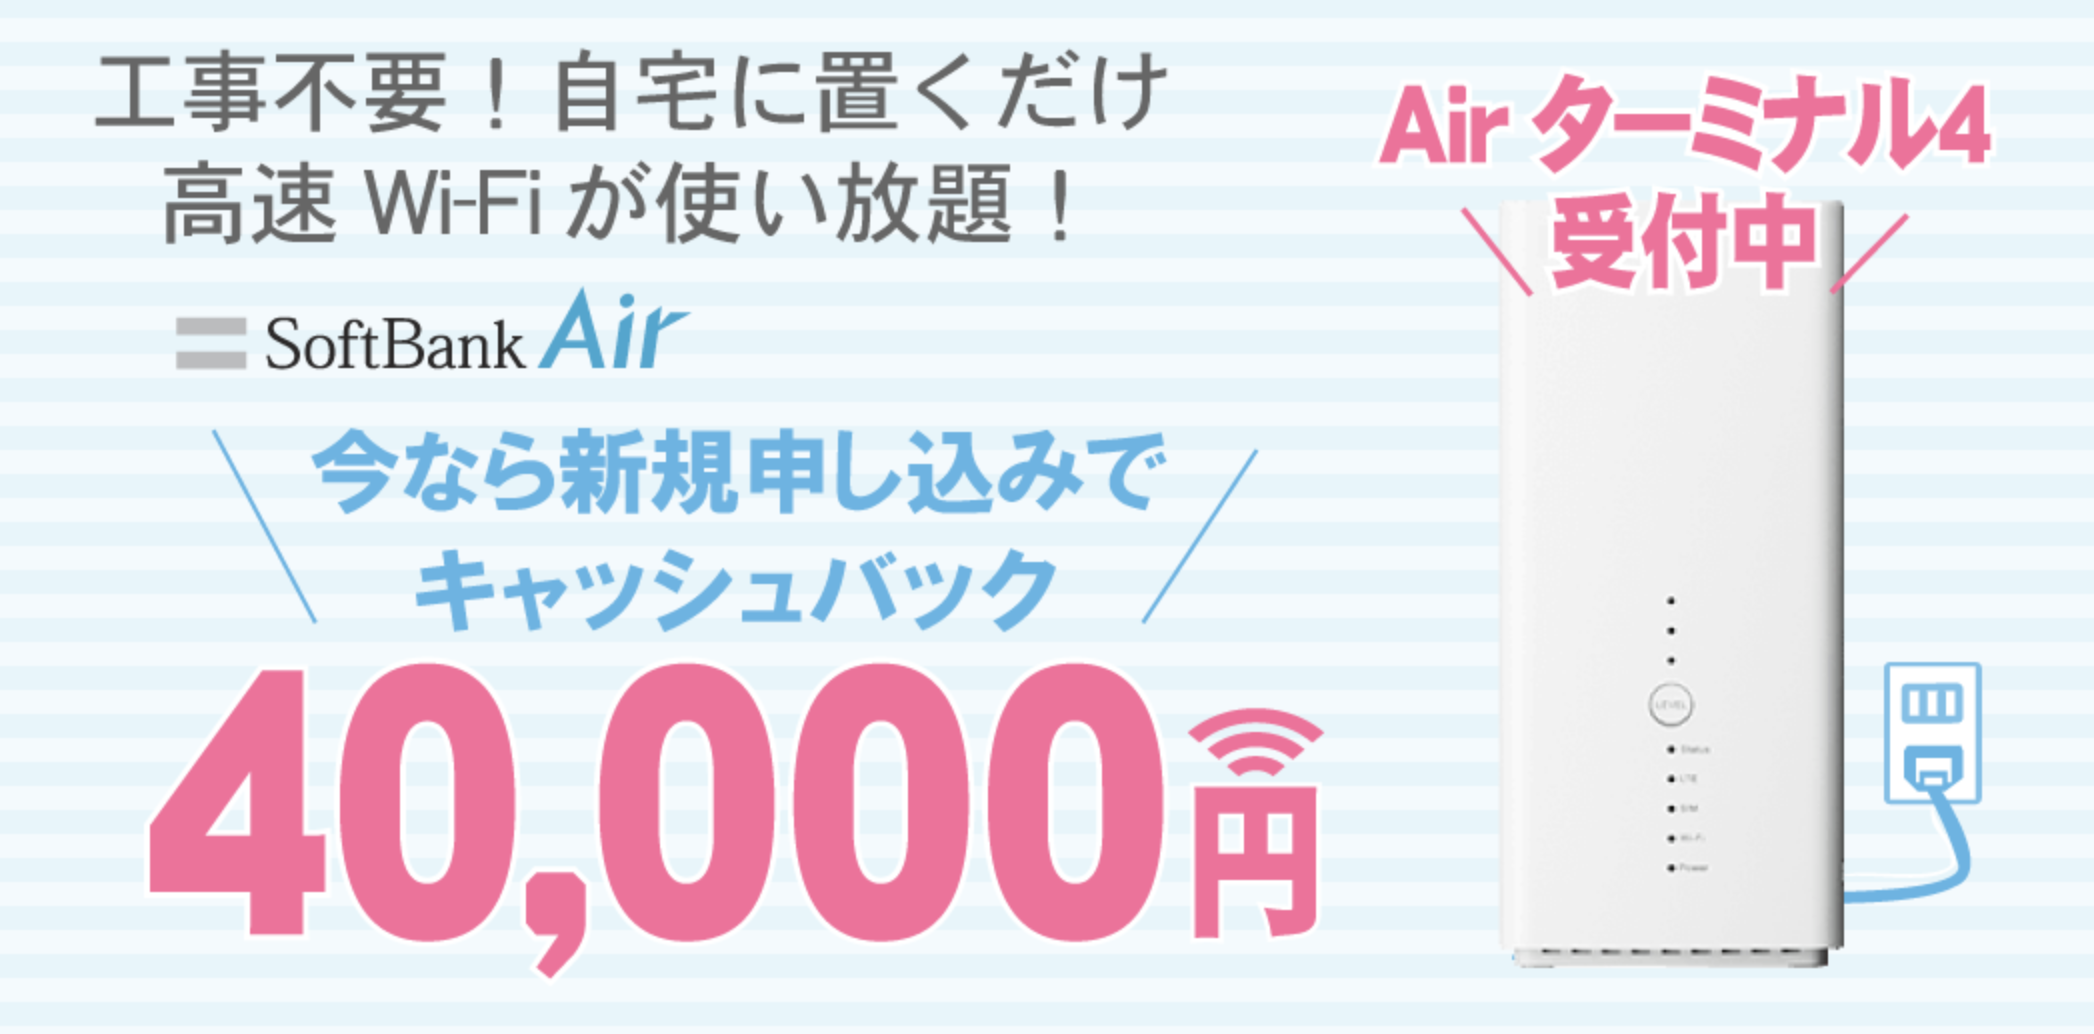 SoftBankAir(ライフサポート)